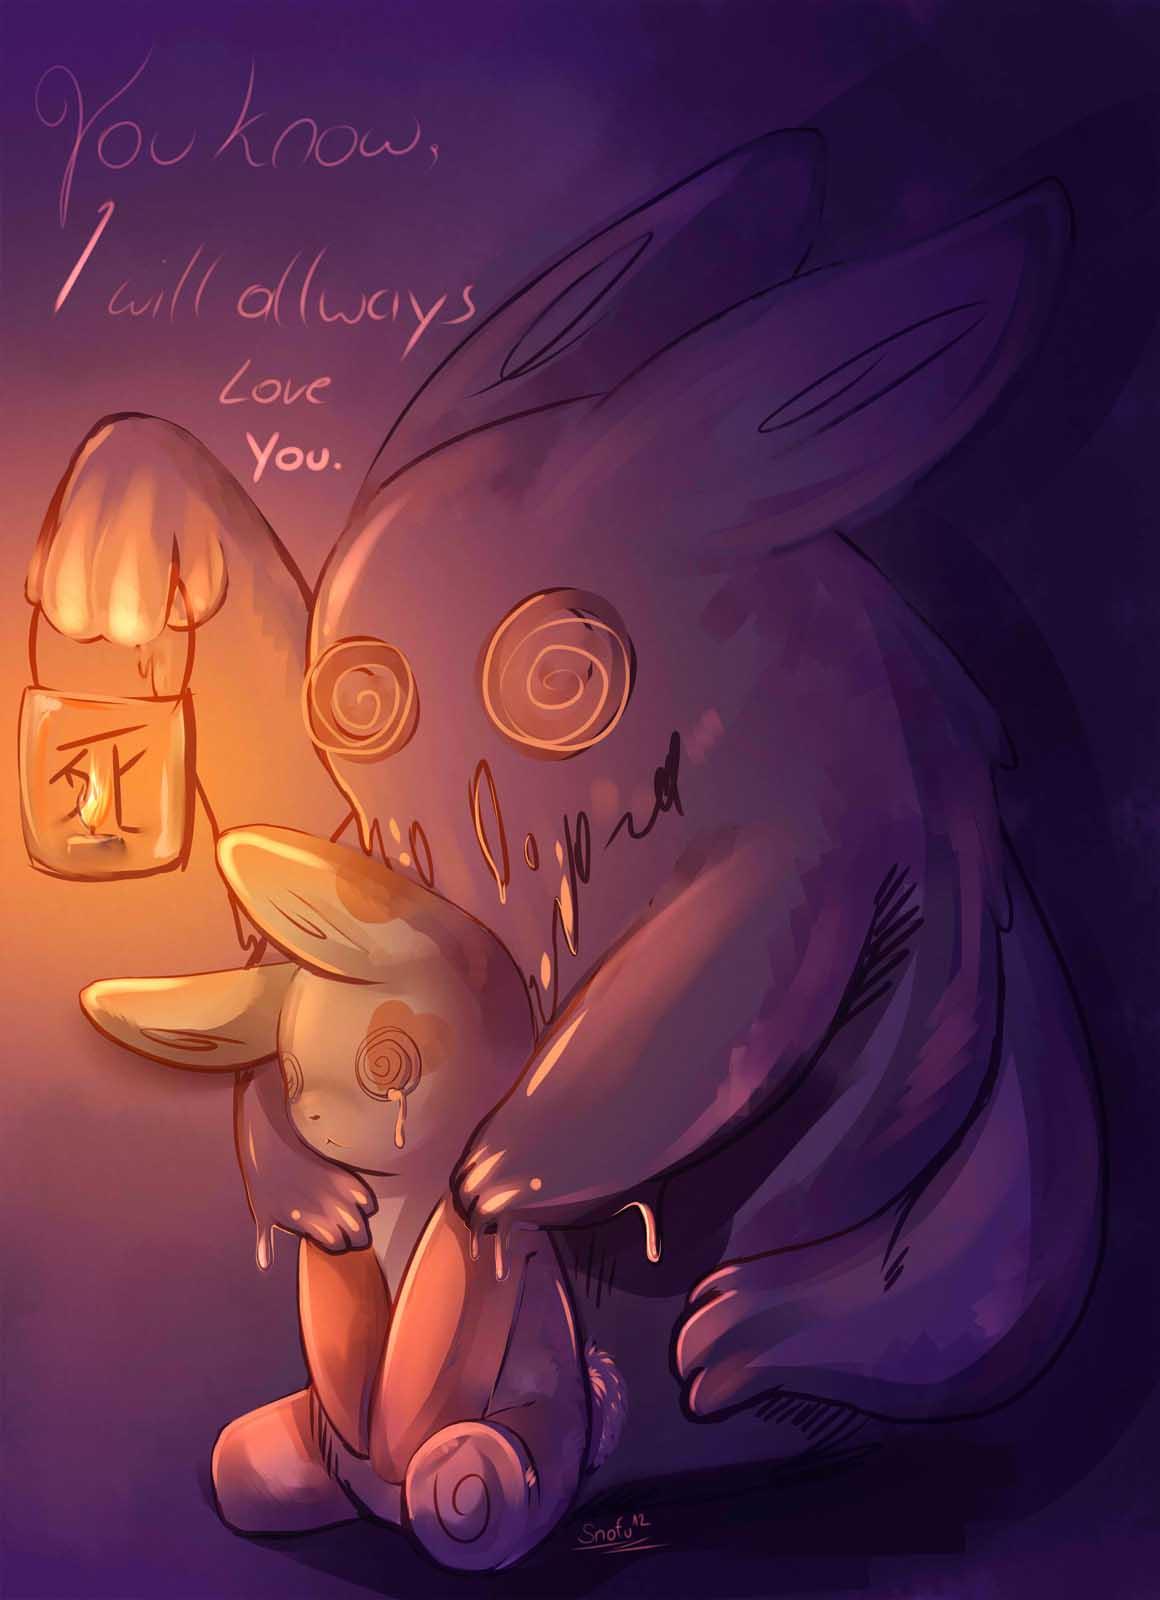 Pokémon-Zeichnung: Dunkelheit